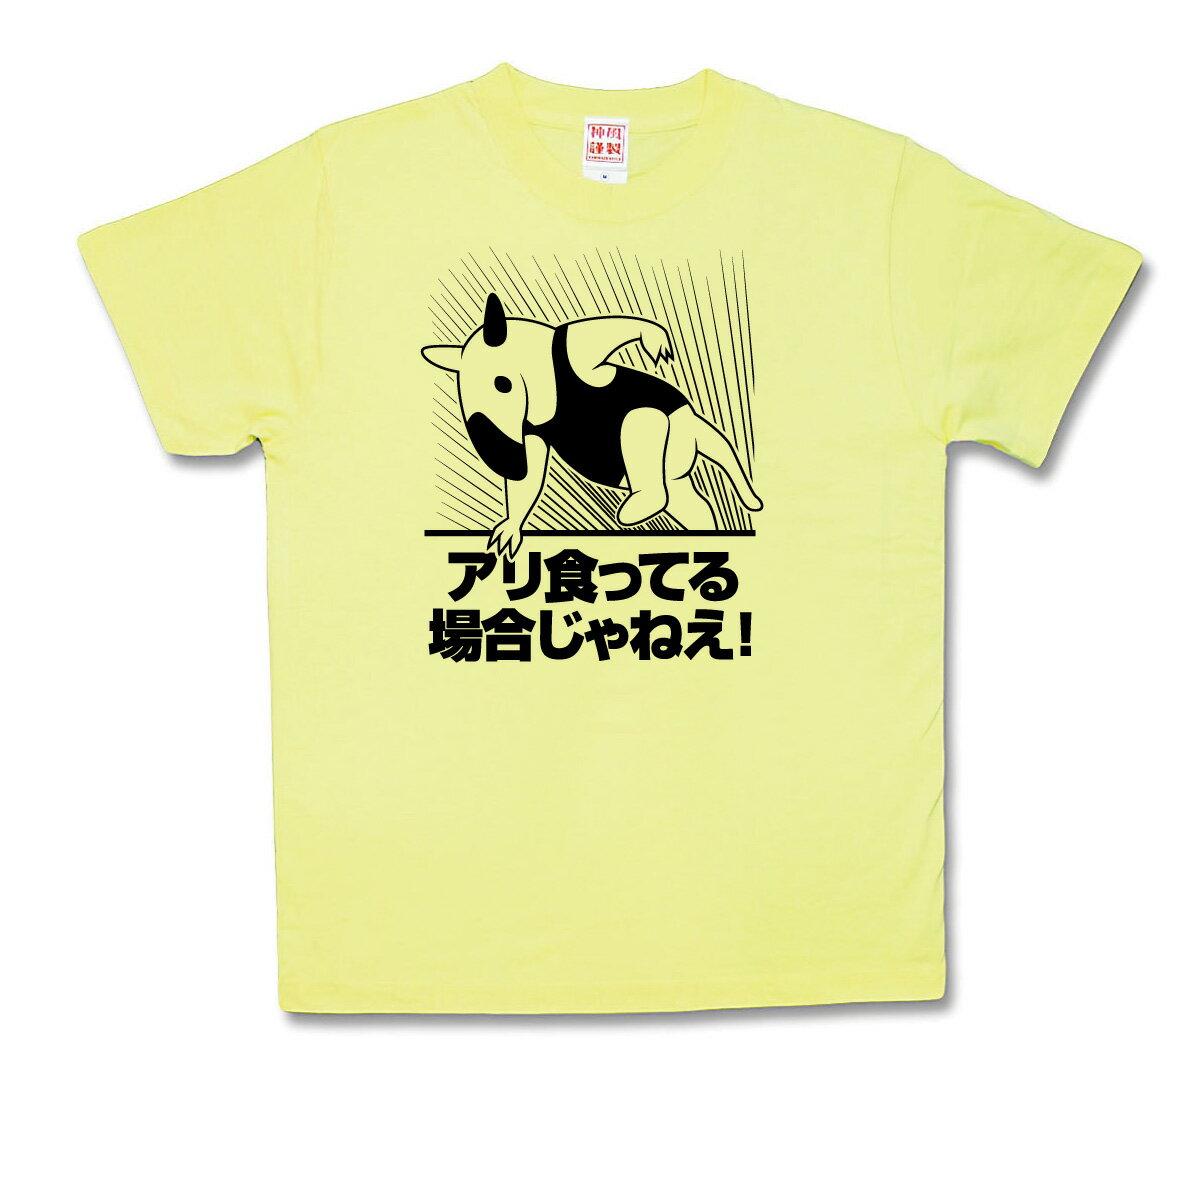 【ふざけTシャツ】アリ食ってる場合じゃねえ!